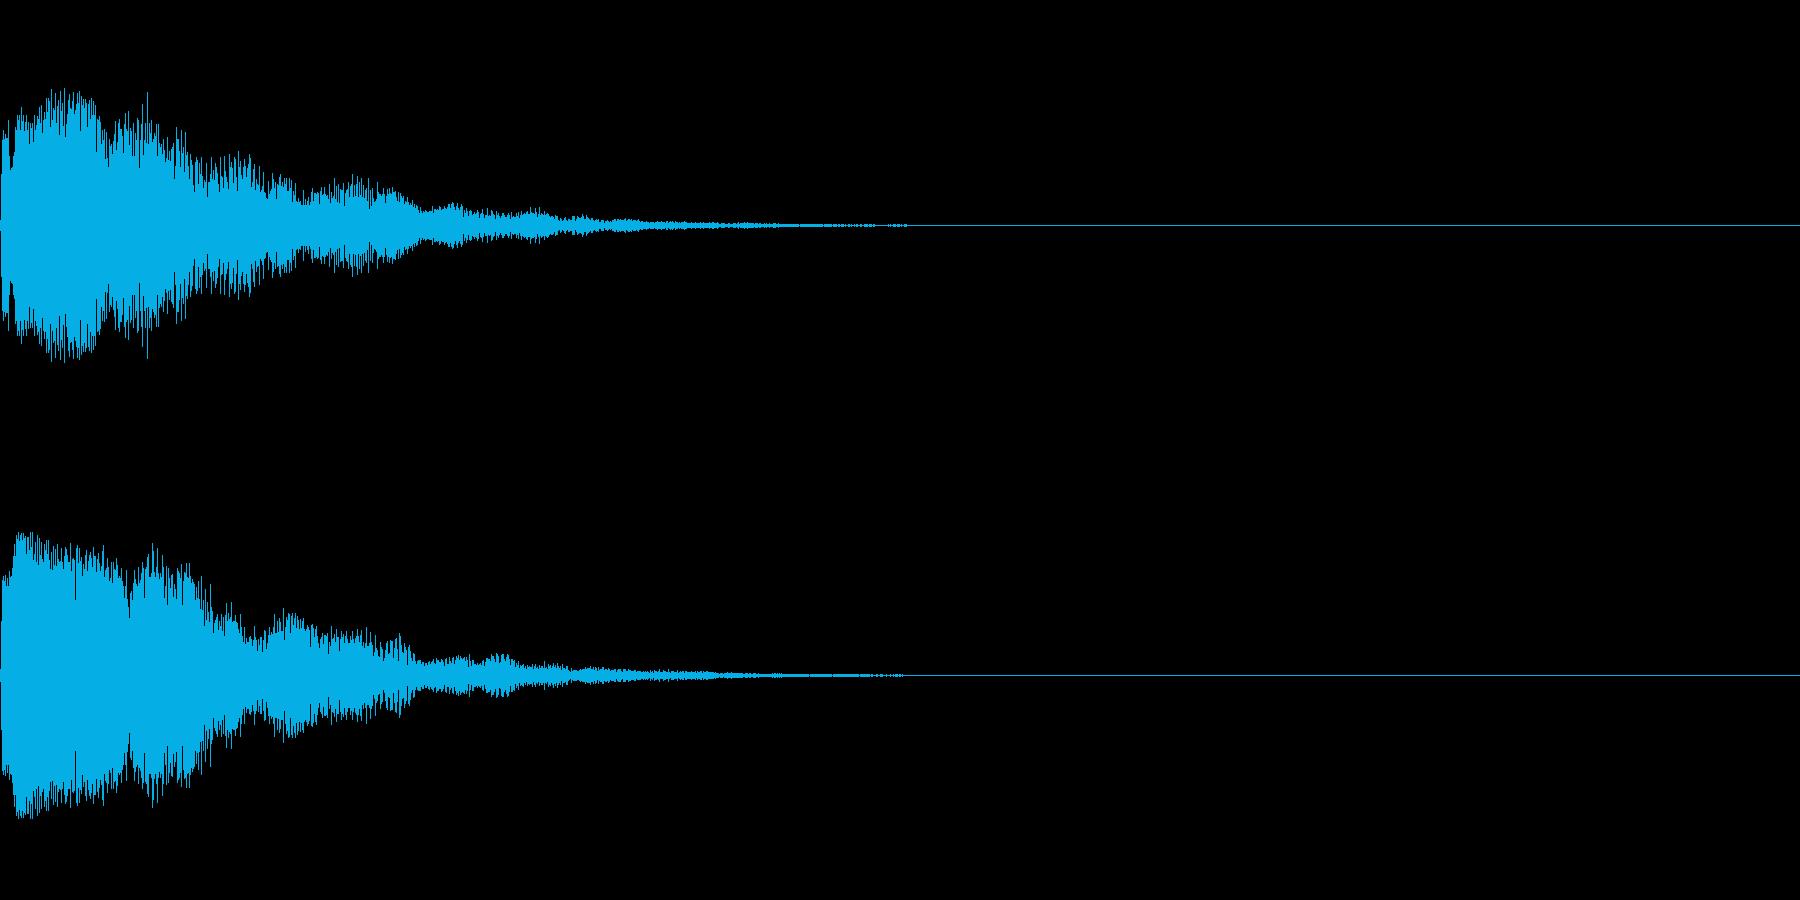 きれい系システム音/チラリン ベルっぽいの再生済みの波形